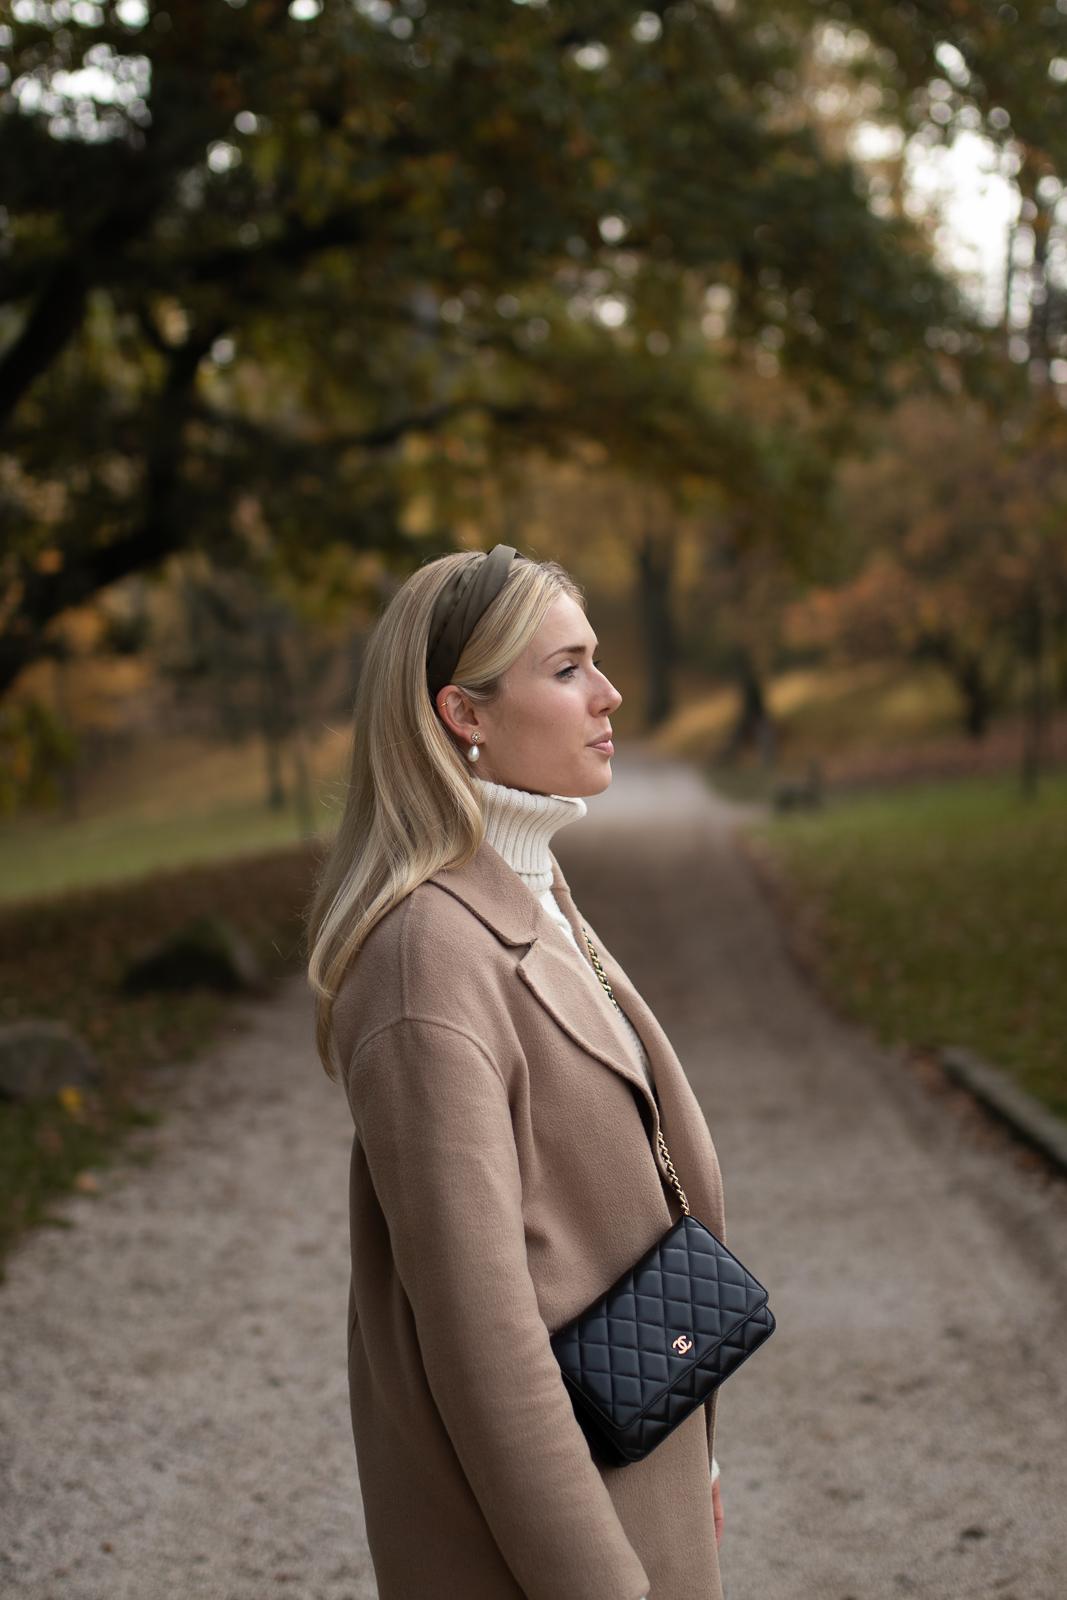 Herbst Outfit: Changing Leaves auf dem österreichsichen Lifestyle Blog Bits and Bobs by Eva. Mehr Fashion auf www.bitsandbobsbyeva.com